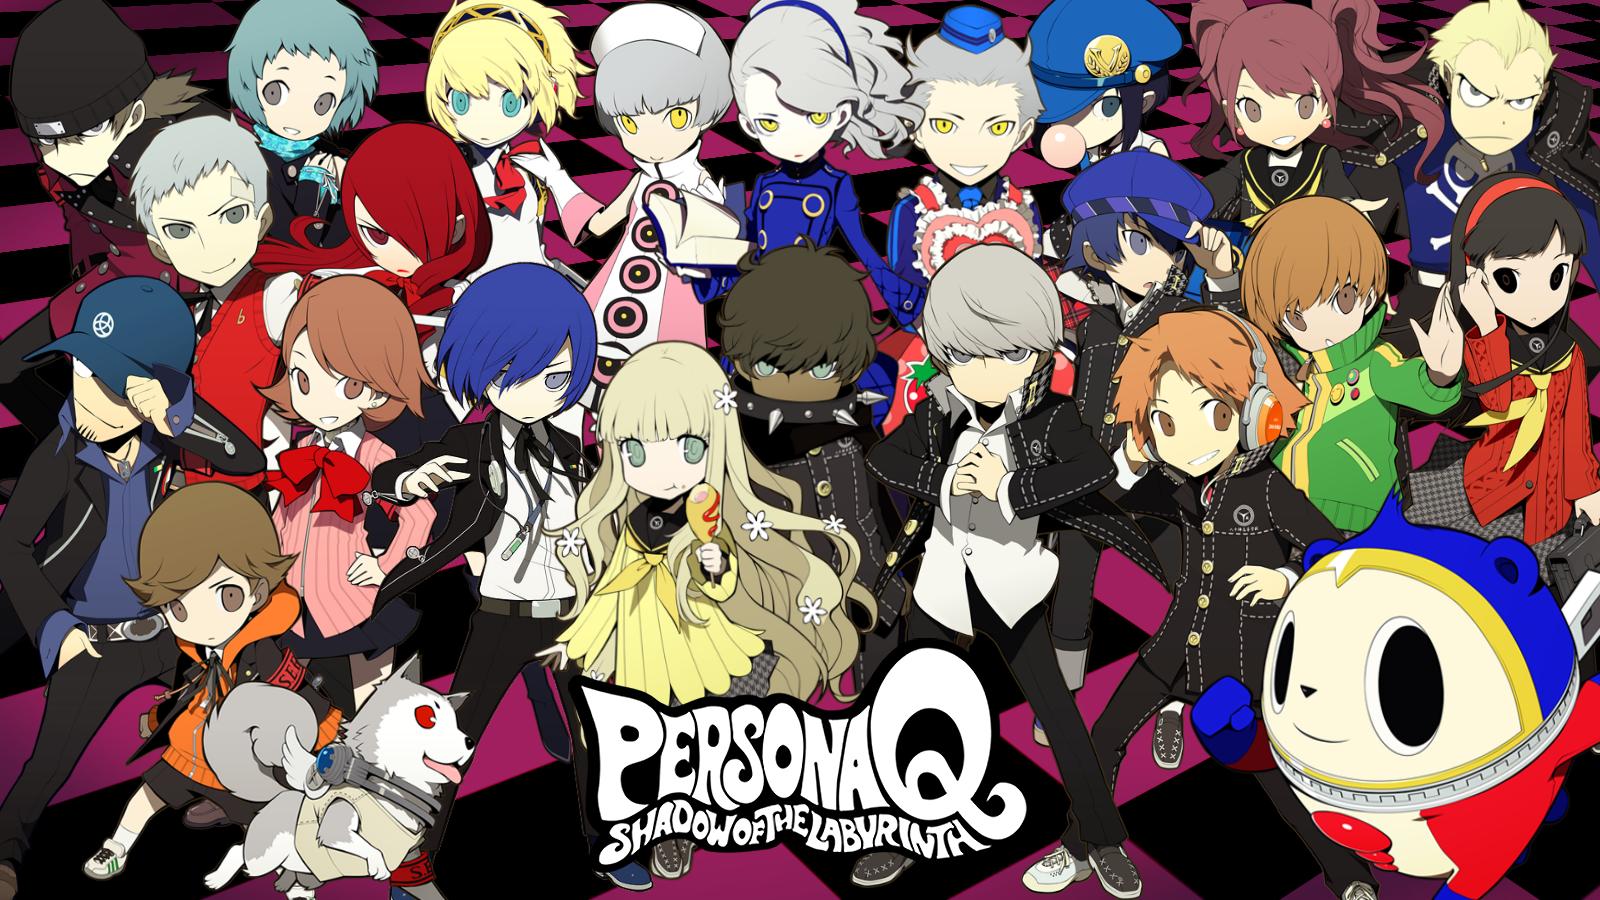 persona q wallpaper wallpapersafari